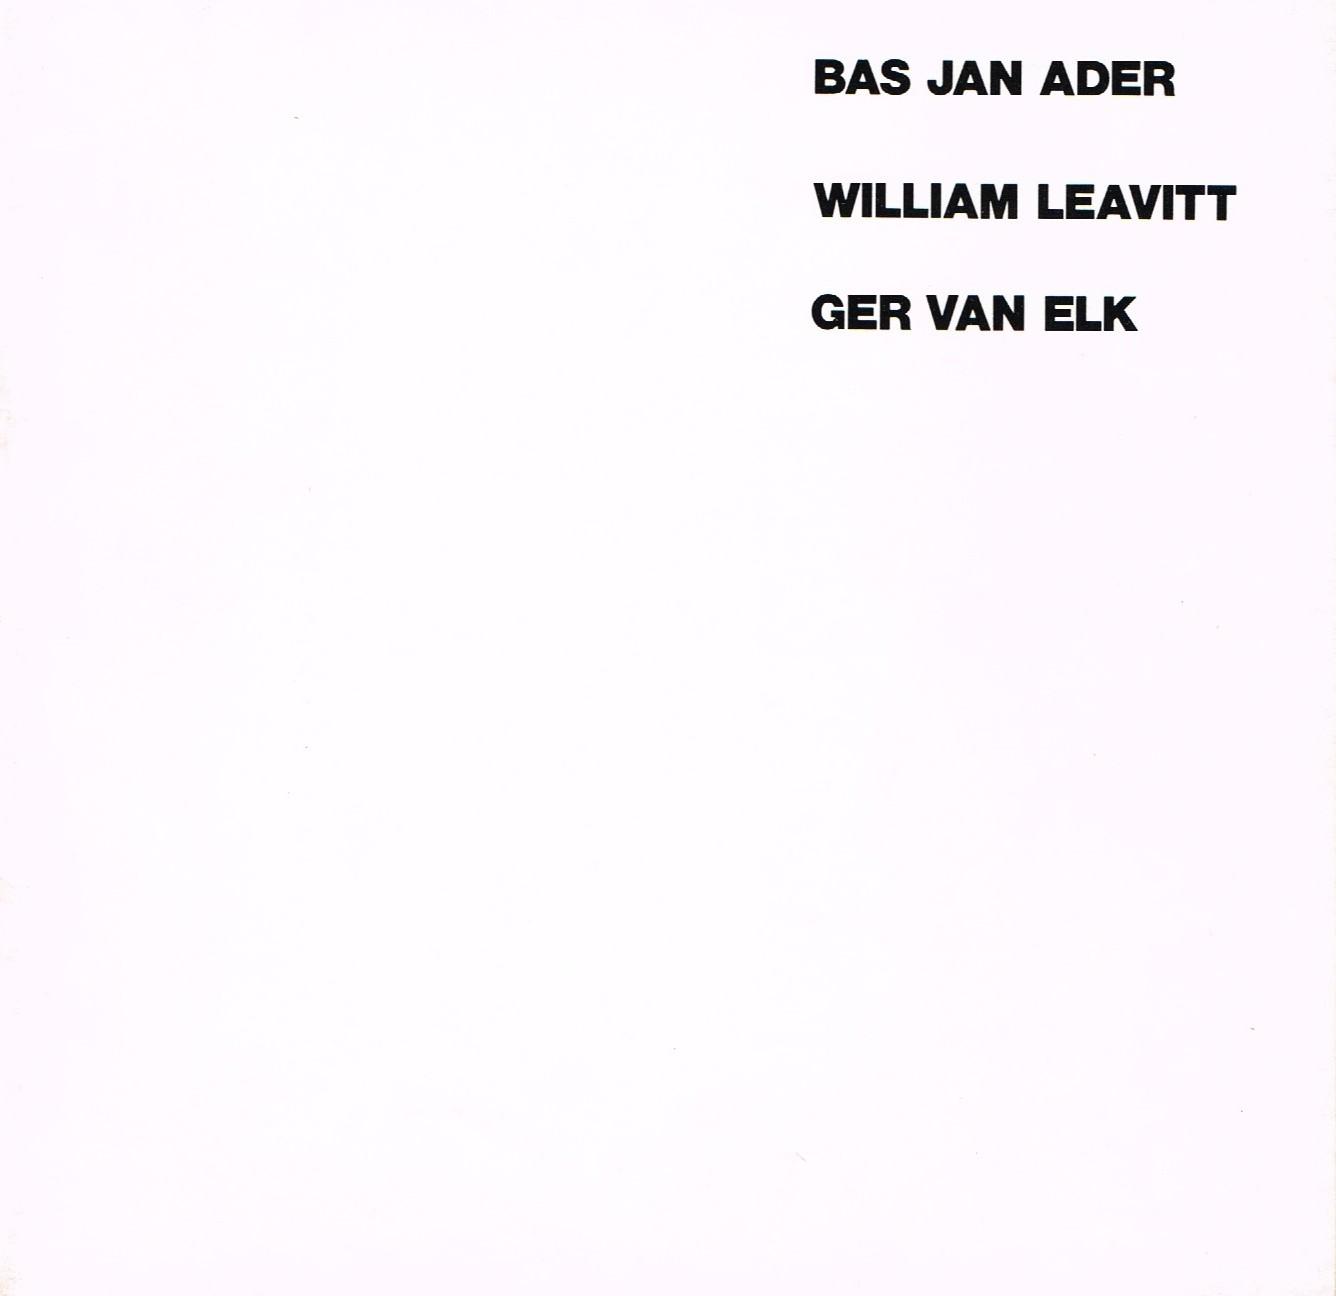 (ADER, BAS JAN) (LEAVITT, WILLIAM) (VAN ELK, GER). WINER, HELENE, BAS JAN ADER, WILLIAM LEAVITT & GER VAN ELK - BAS JAN ADER / WILLIAM LEAVITT / GER VAN ELK